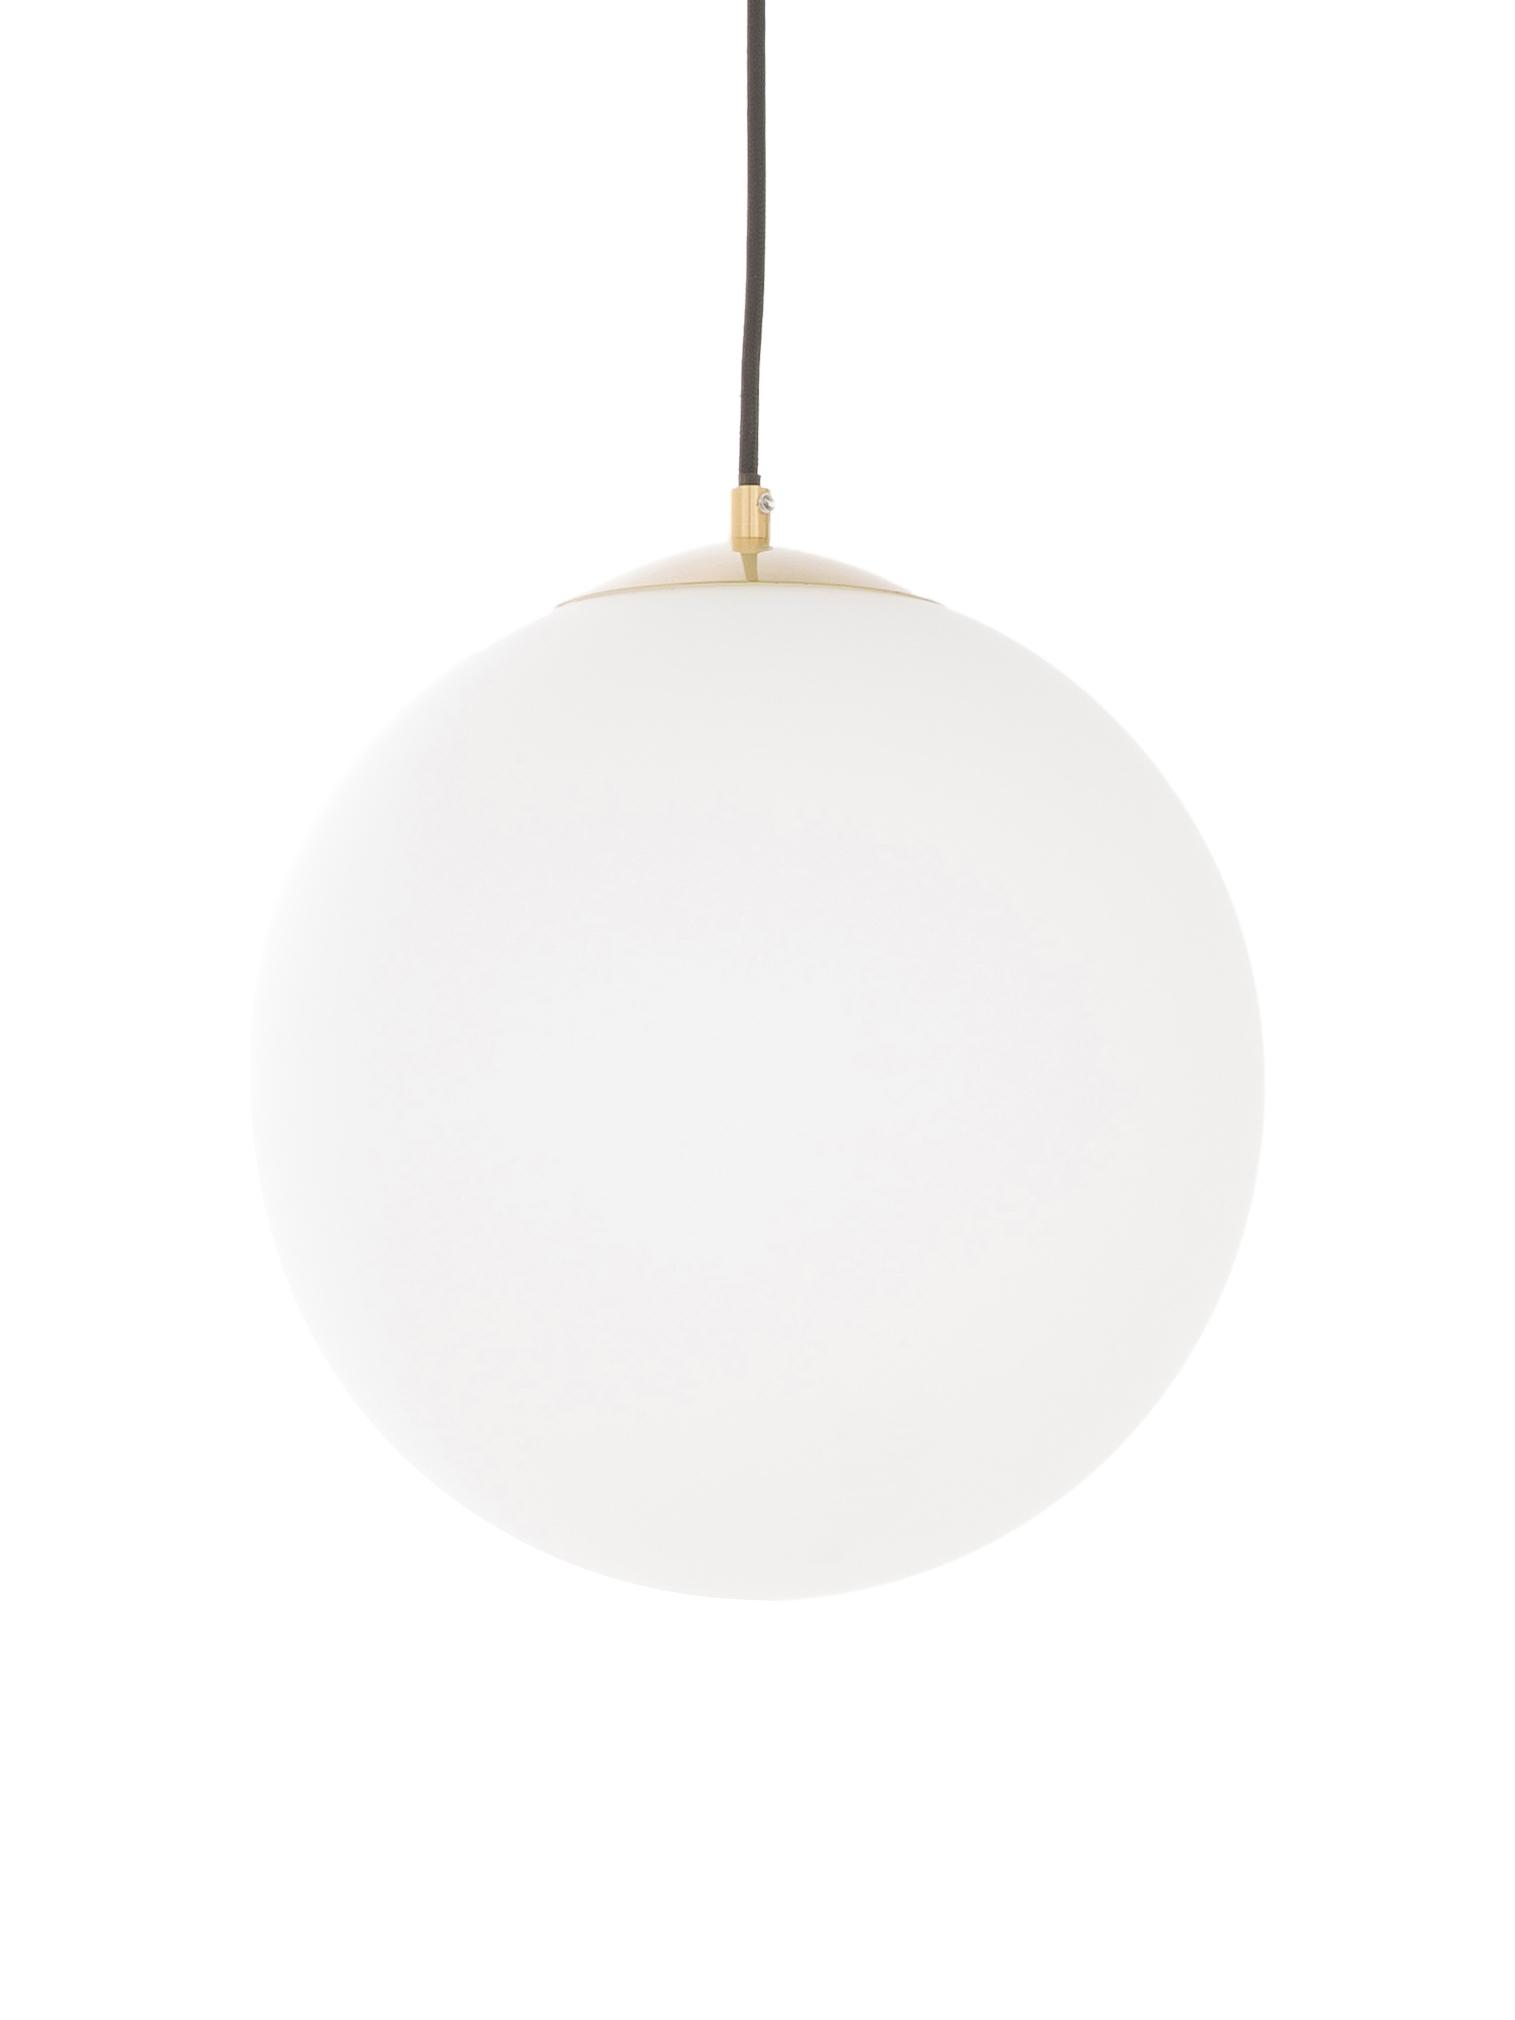 Kugel-Pendelleuchte Beth aus Opalglas, Lampenschirm: Opalglas, Weiss, Messing, Ø 30 cm